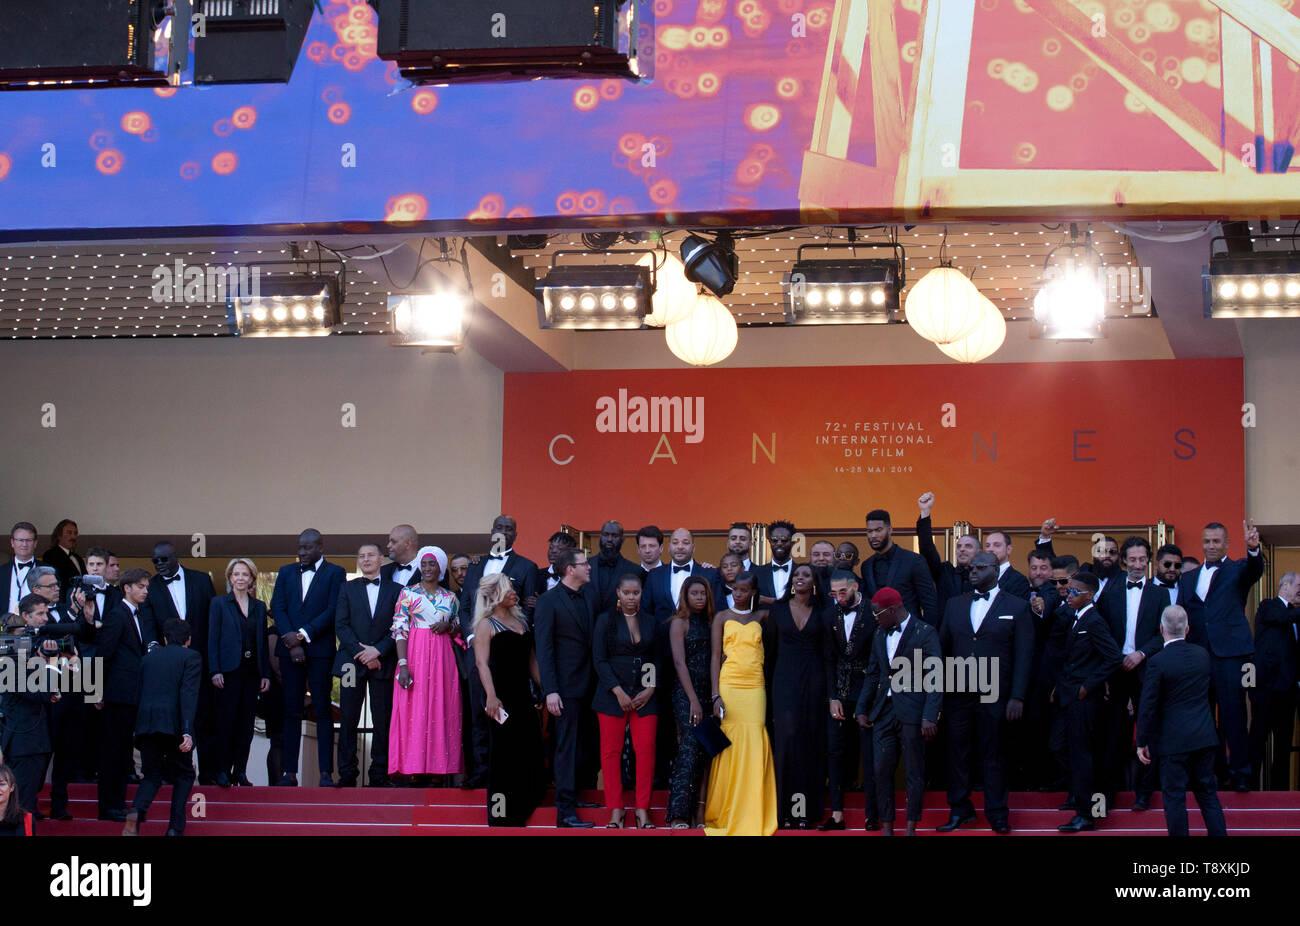 Cannes, Francia. El 15 de mayo de 2019. El elenco en el Les Misérables gala de proyección en la 72ª edición del Festival de Cannes Miércoles 15 de mayo de 2019, en Cannes, Francia. Crédito de la foto: Doreen Doreen crédito Kennedy Kennedy/Alamy Live News Foto de stock